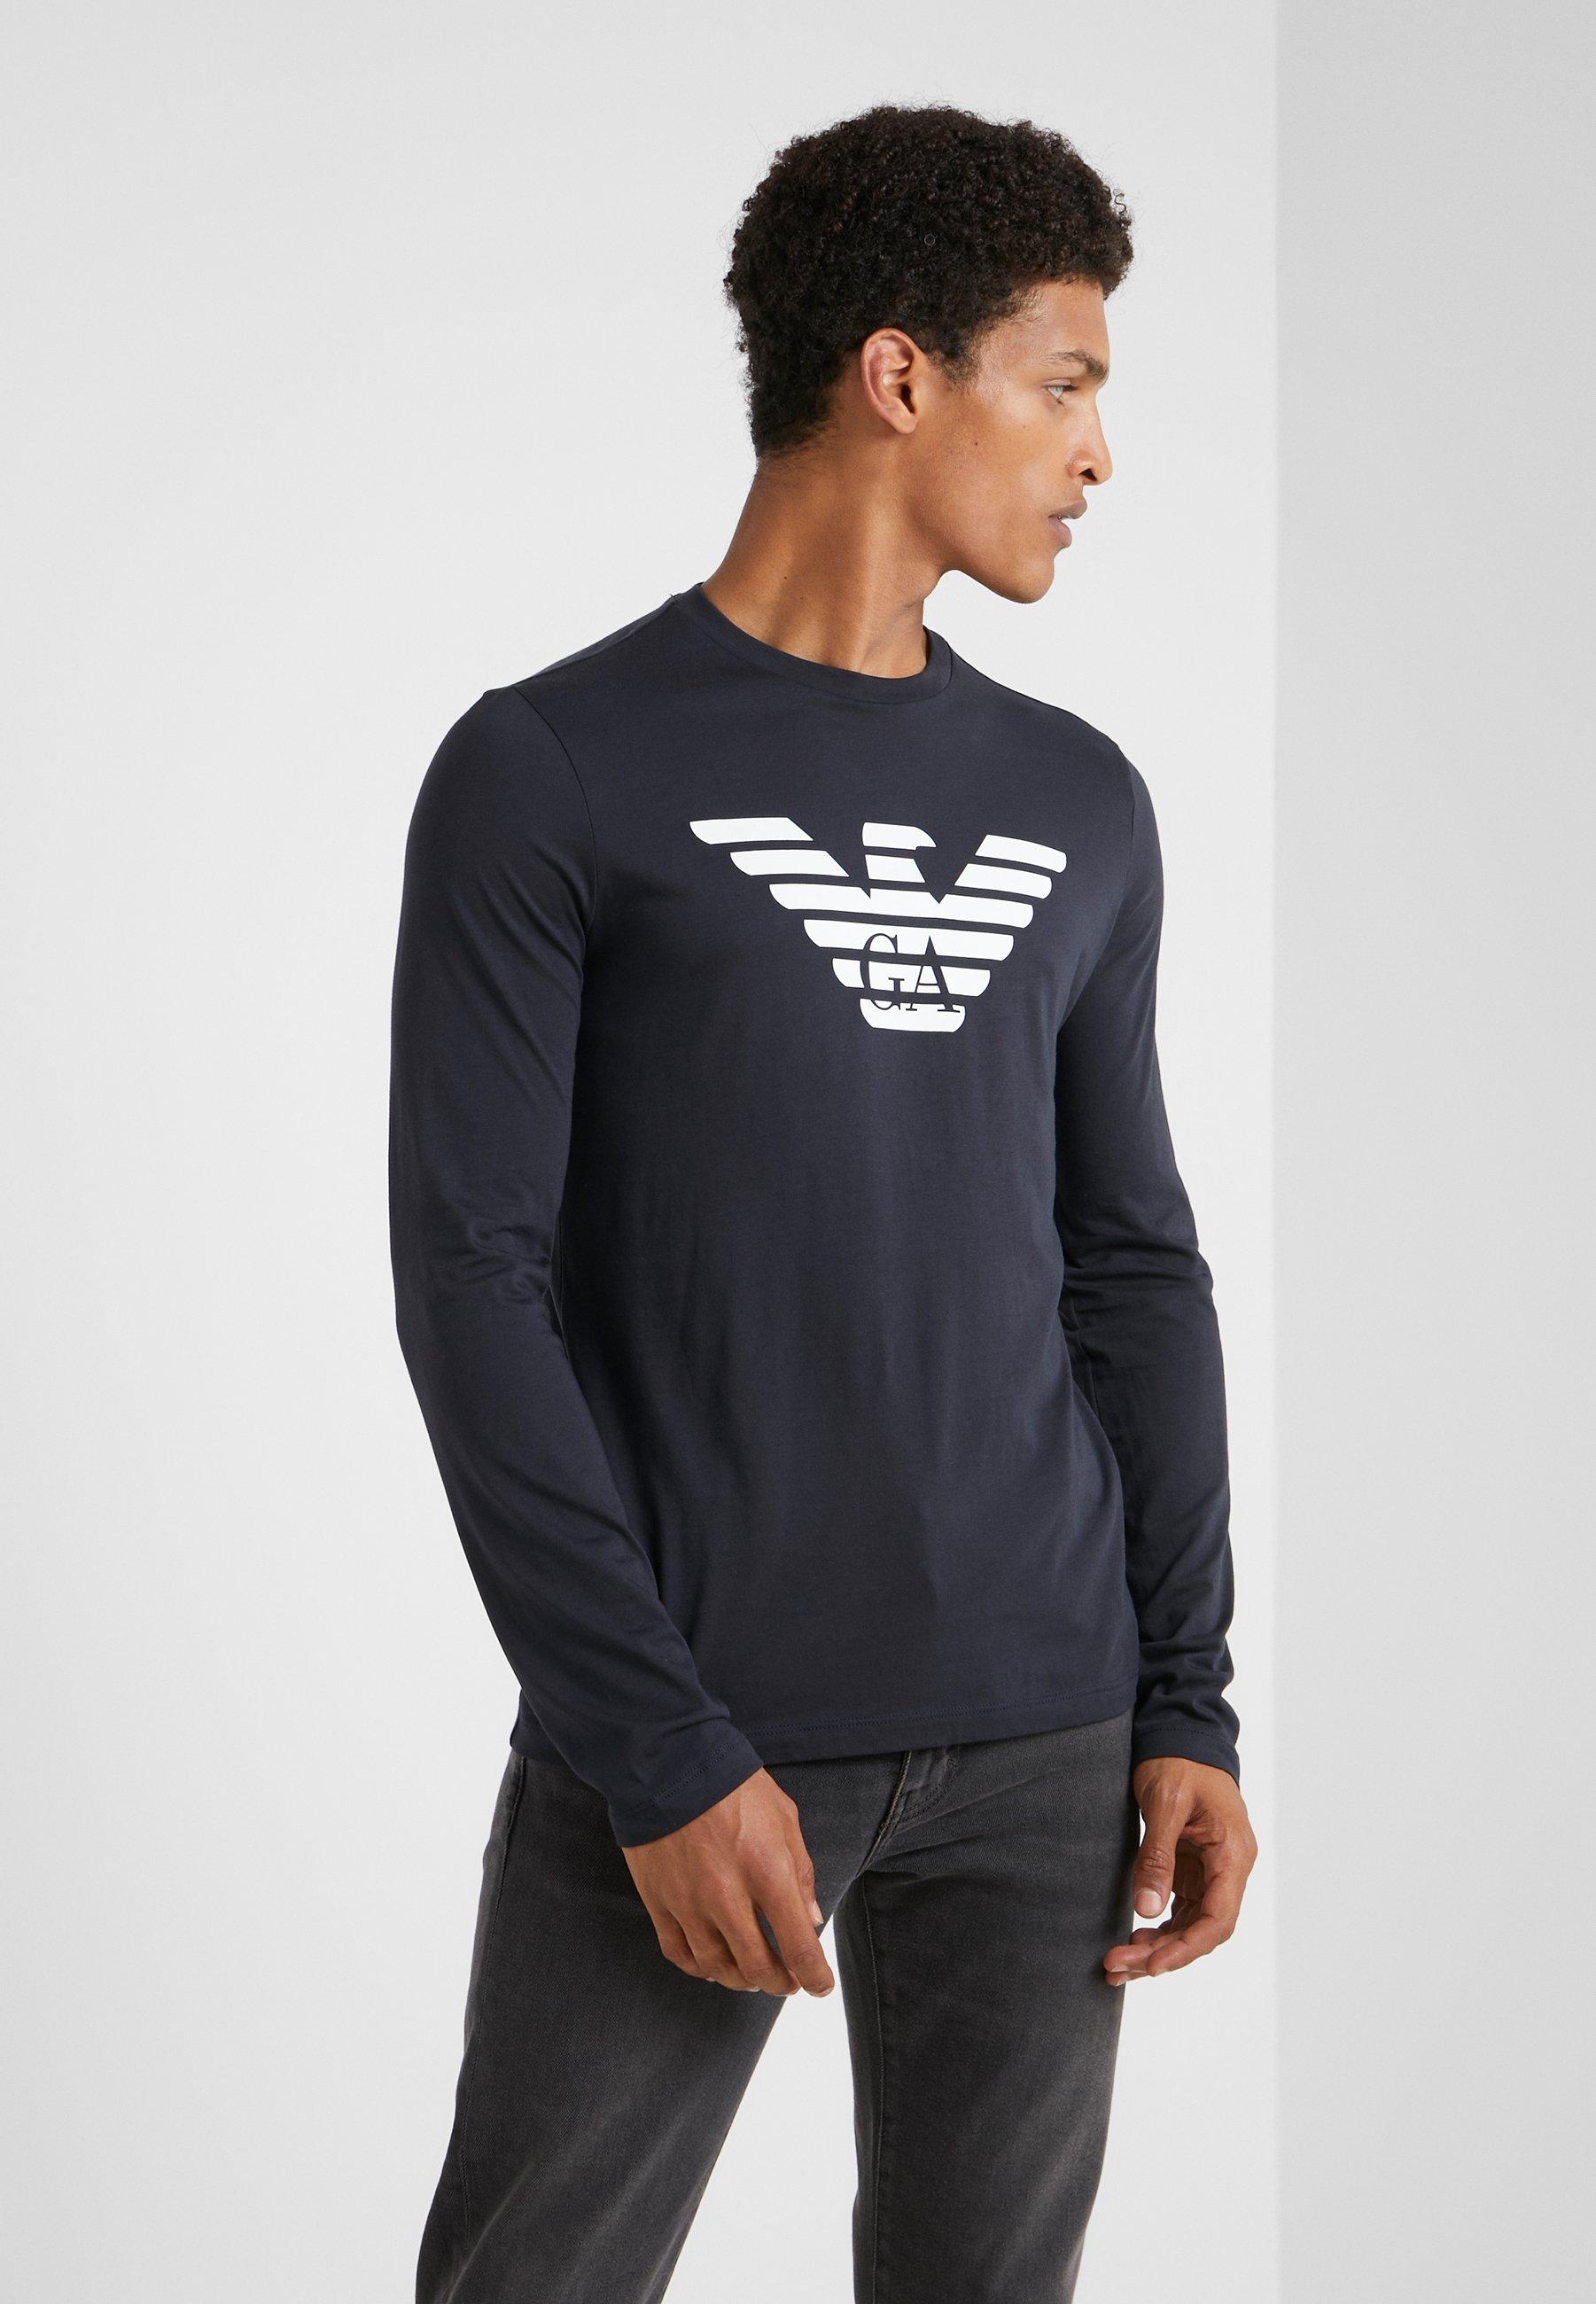 Homme T-shirt à manches longues